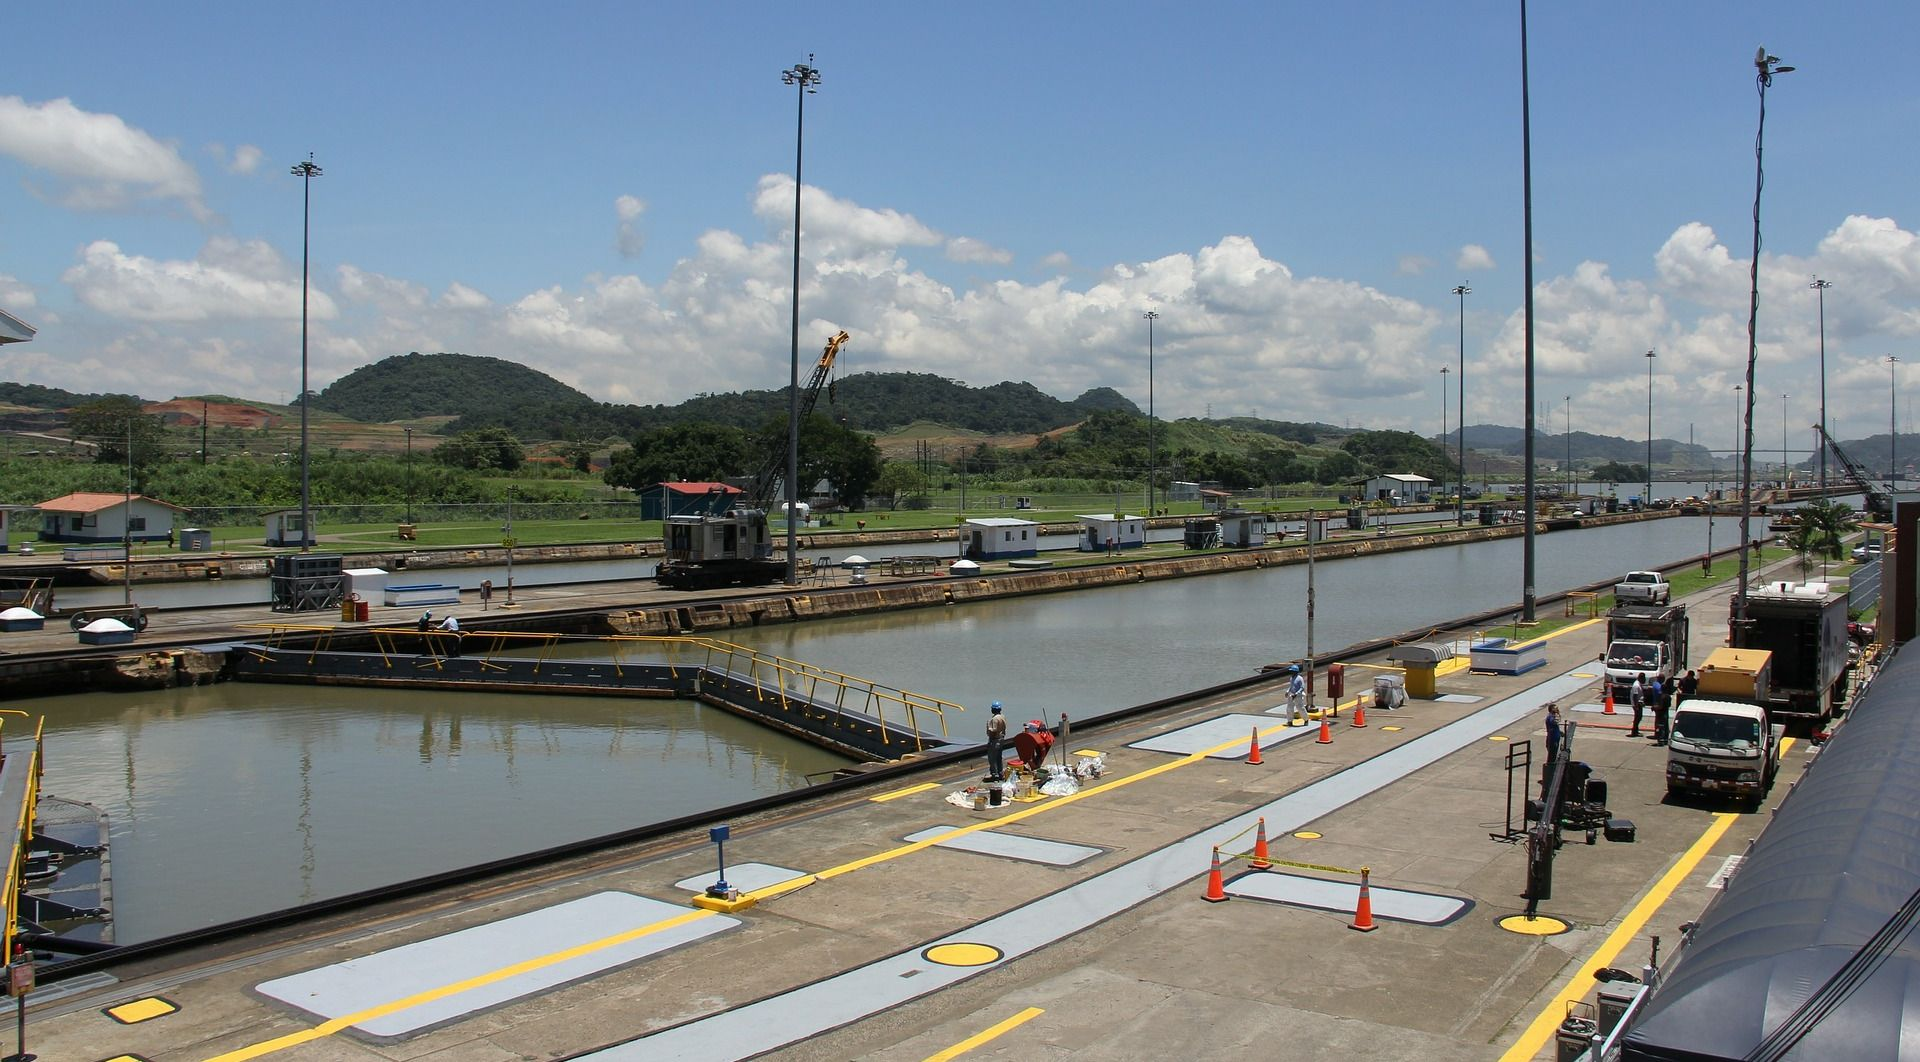 NAJVEĆE SUŠE U 102 GODINE Ograničava se veličina brodova u Panamskom kanalu